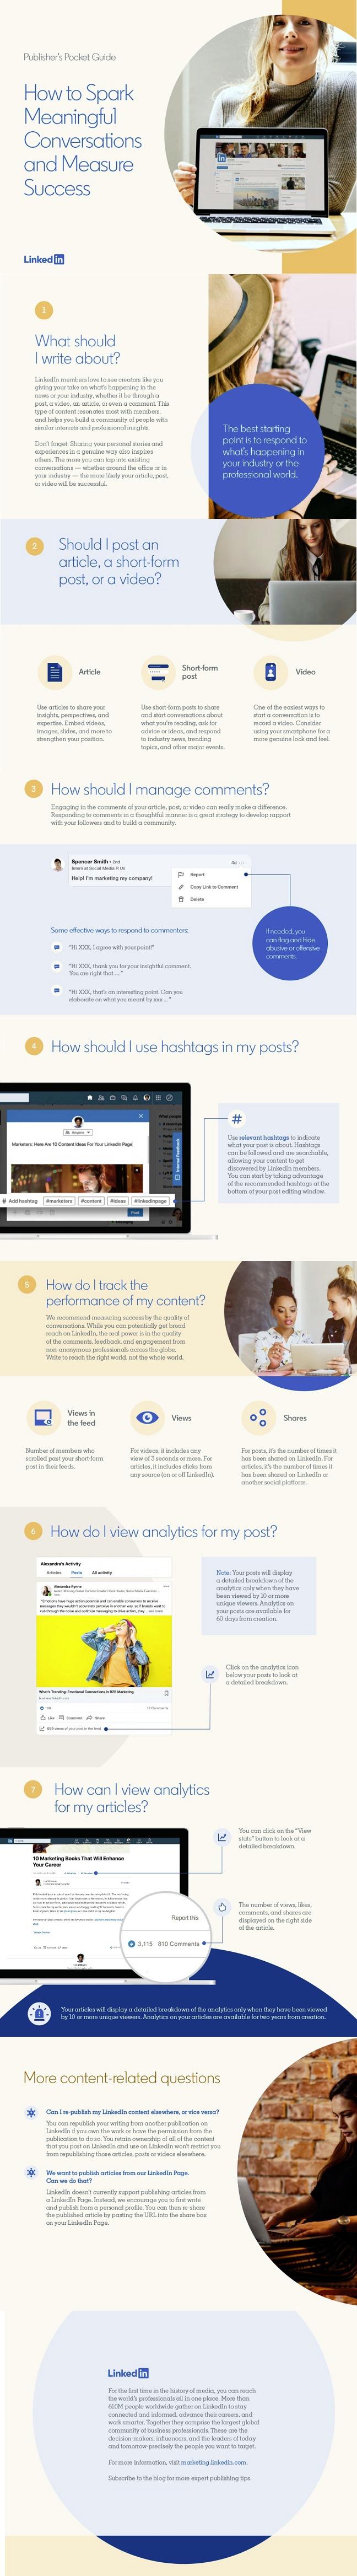 Infographic LinkedIn aandachtsgebieden